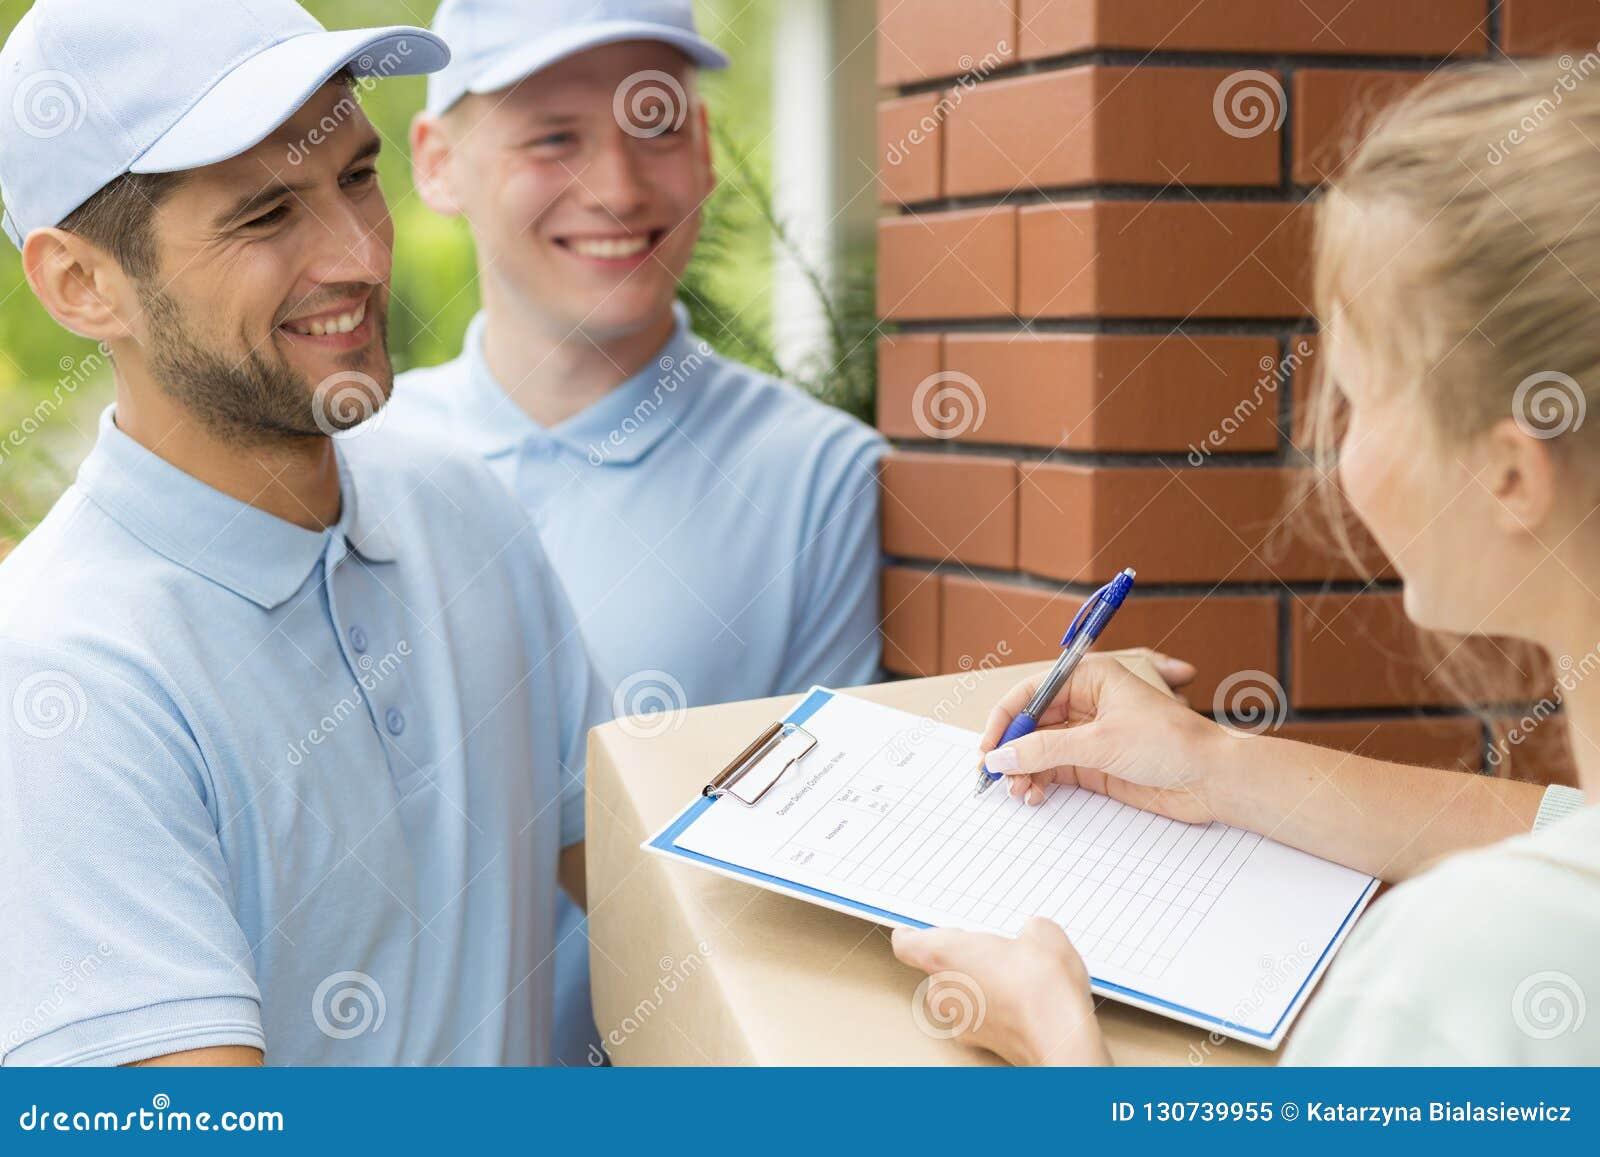 Vriendschappelijke koeriers in blauwe uniformen en vrouw die ontvangstbewijs van pakketlevering ondertekenen